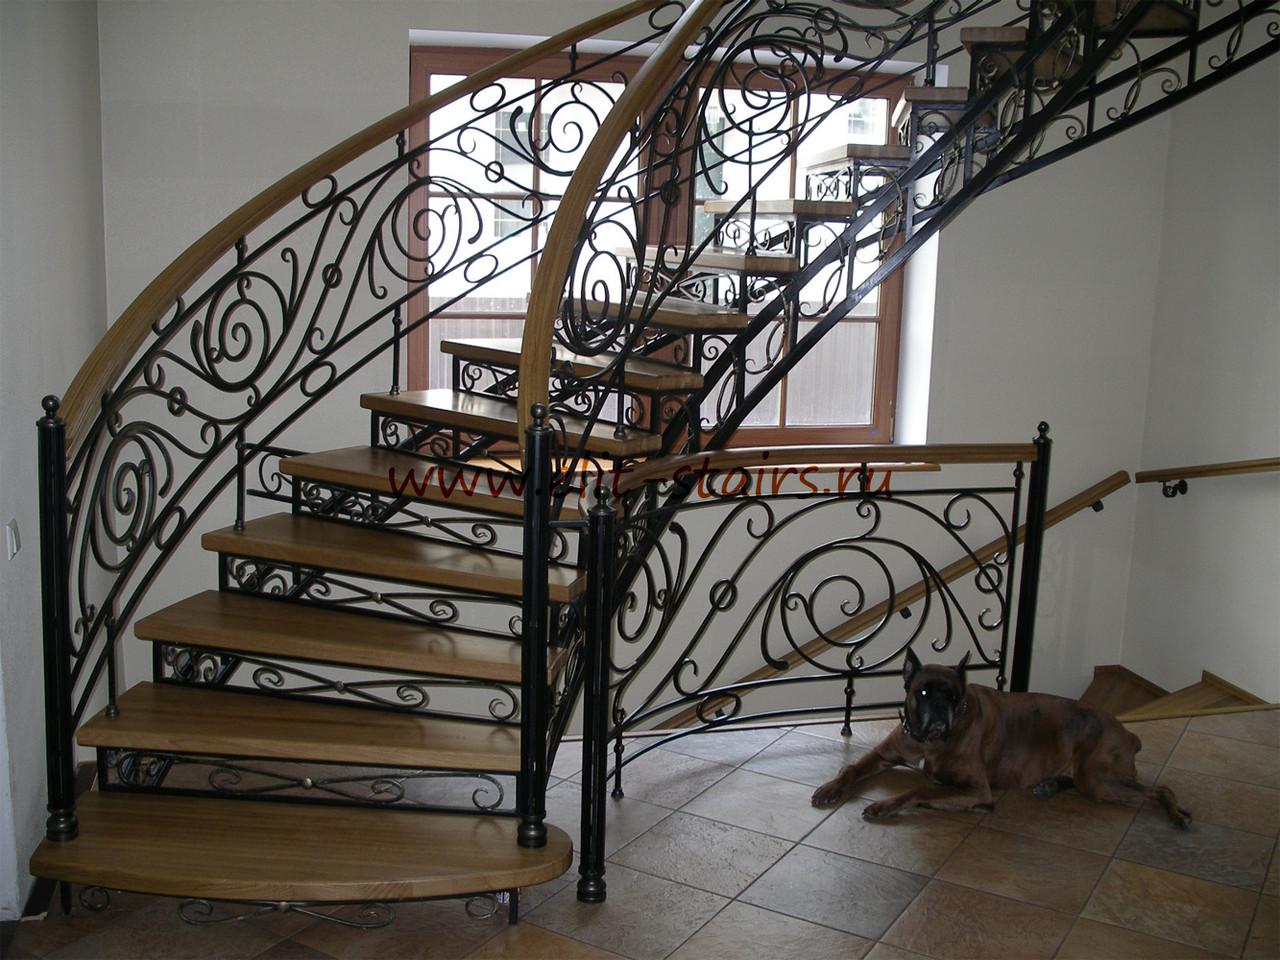 Поручни на лестнице из ковки